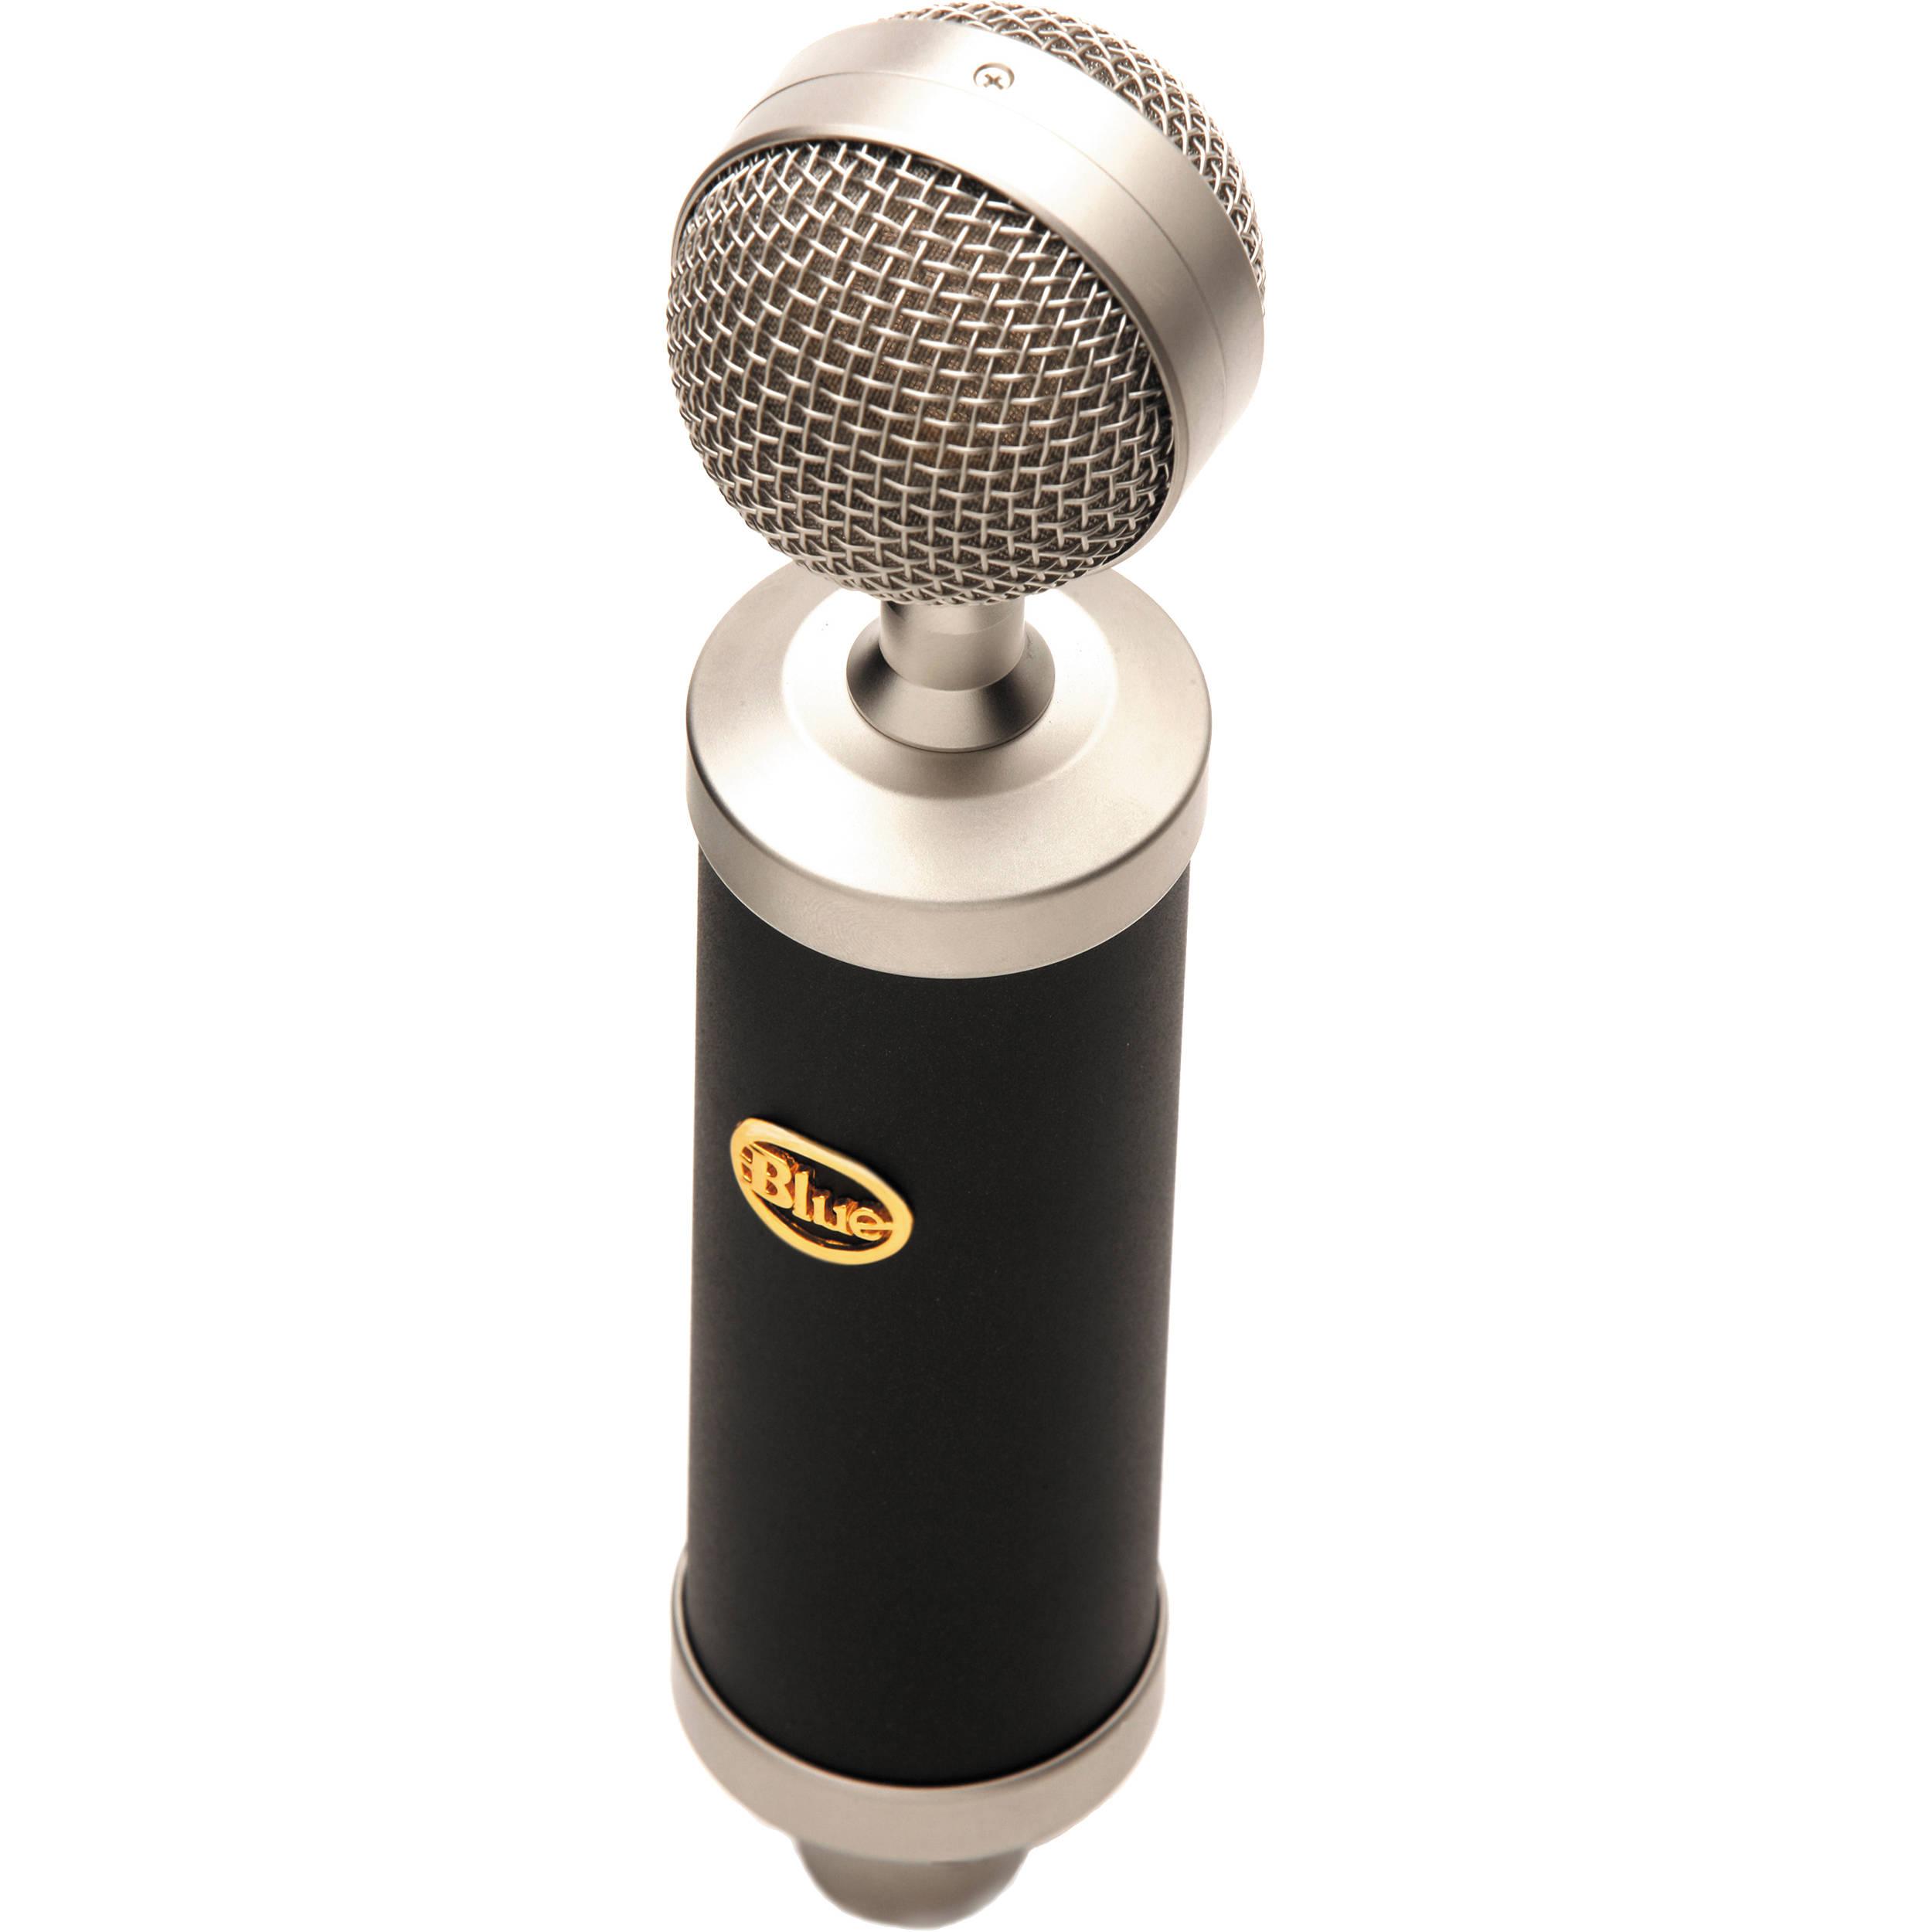 Blue Baby Bottle Microphone : blue baby bottle condenser studio microphone baby bottle b h ~ Russianpoet.info Haus und Dekorationen